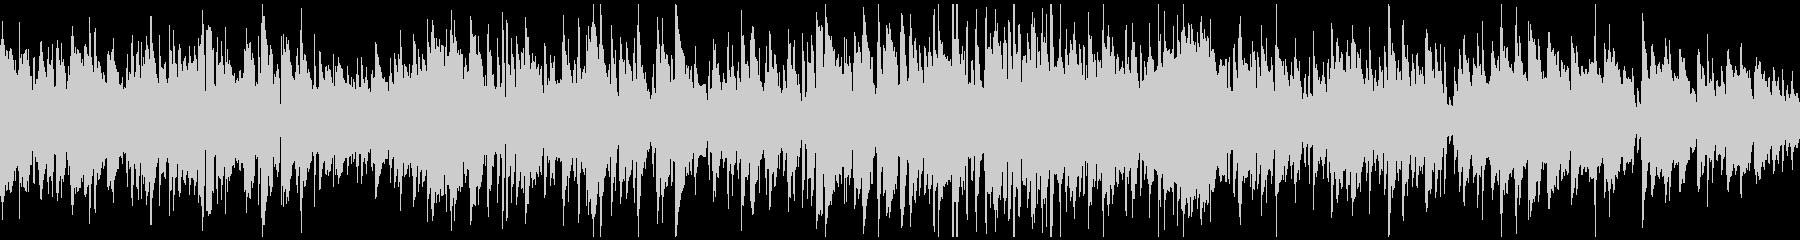 緩やかで優しいボサノバ ※ループ仕様版の未再生の波形